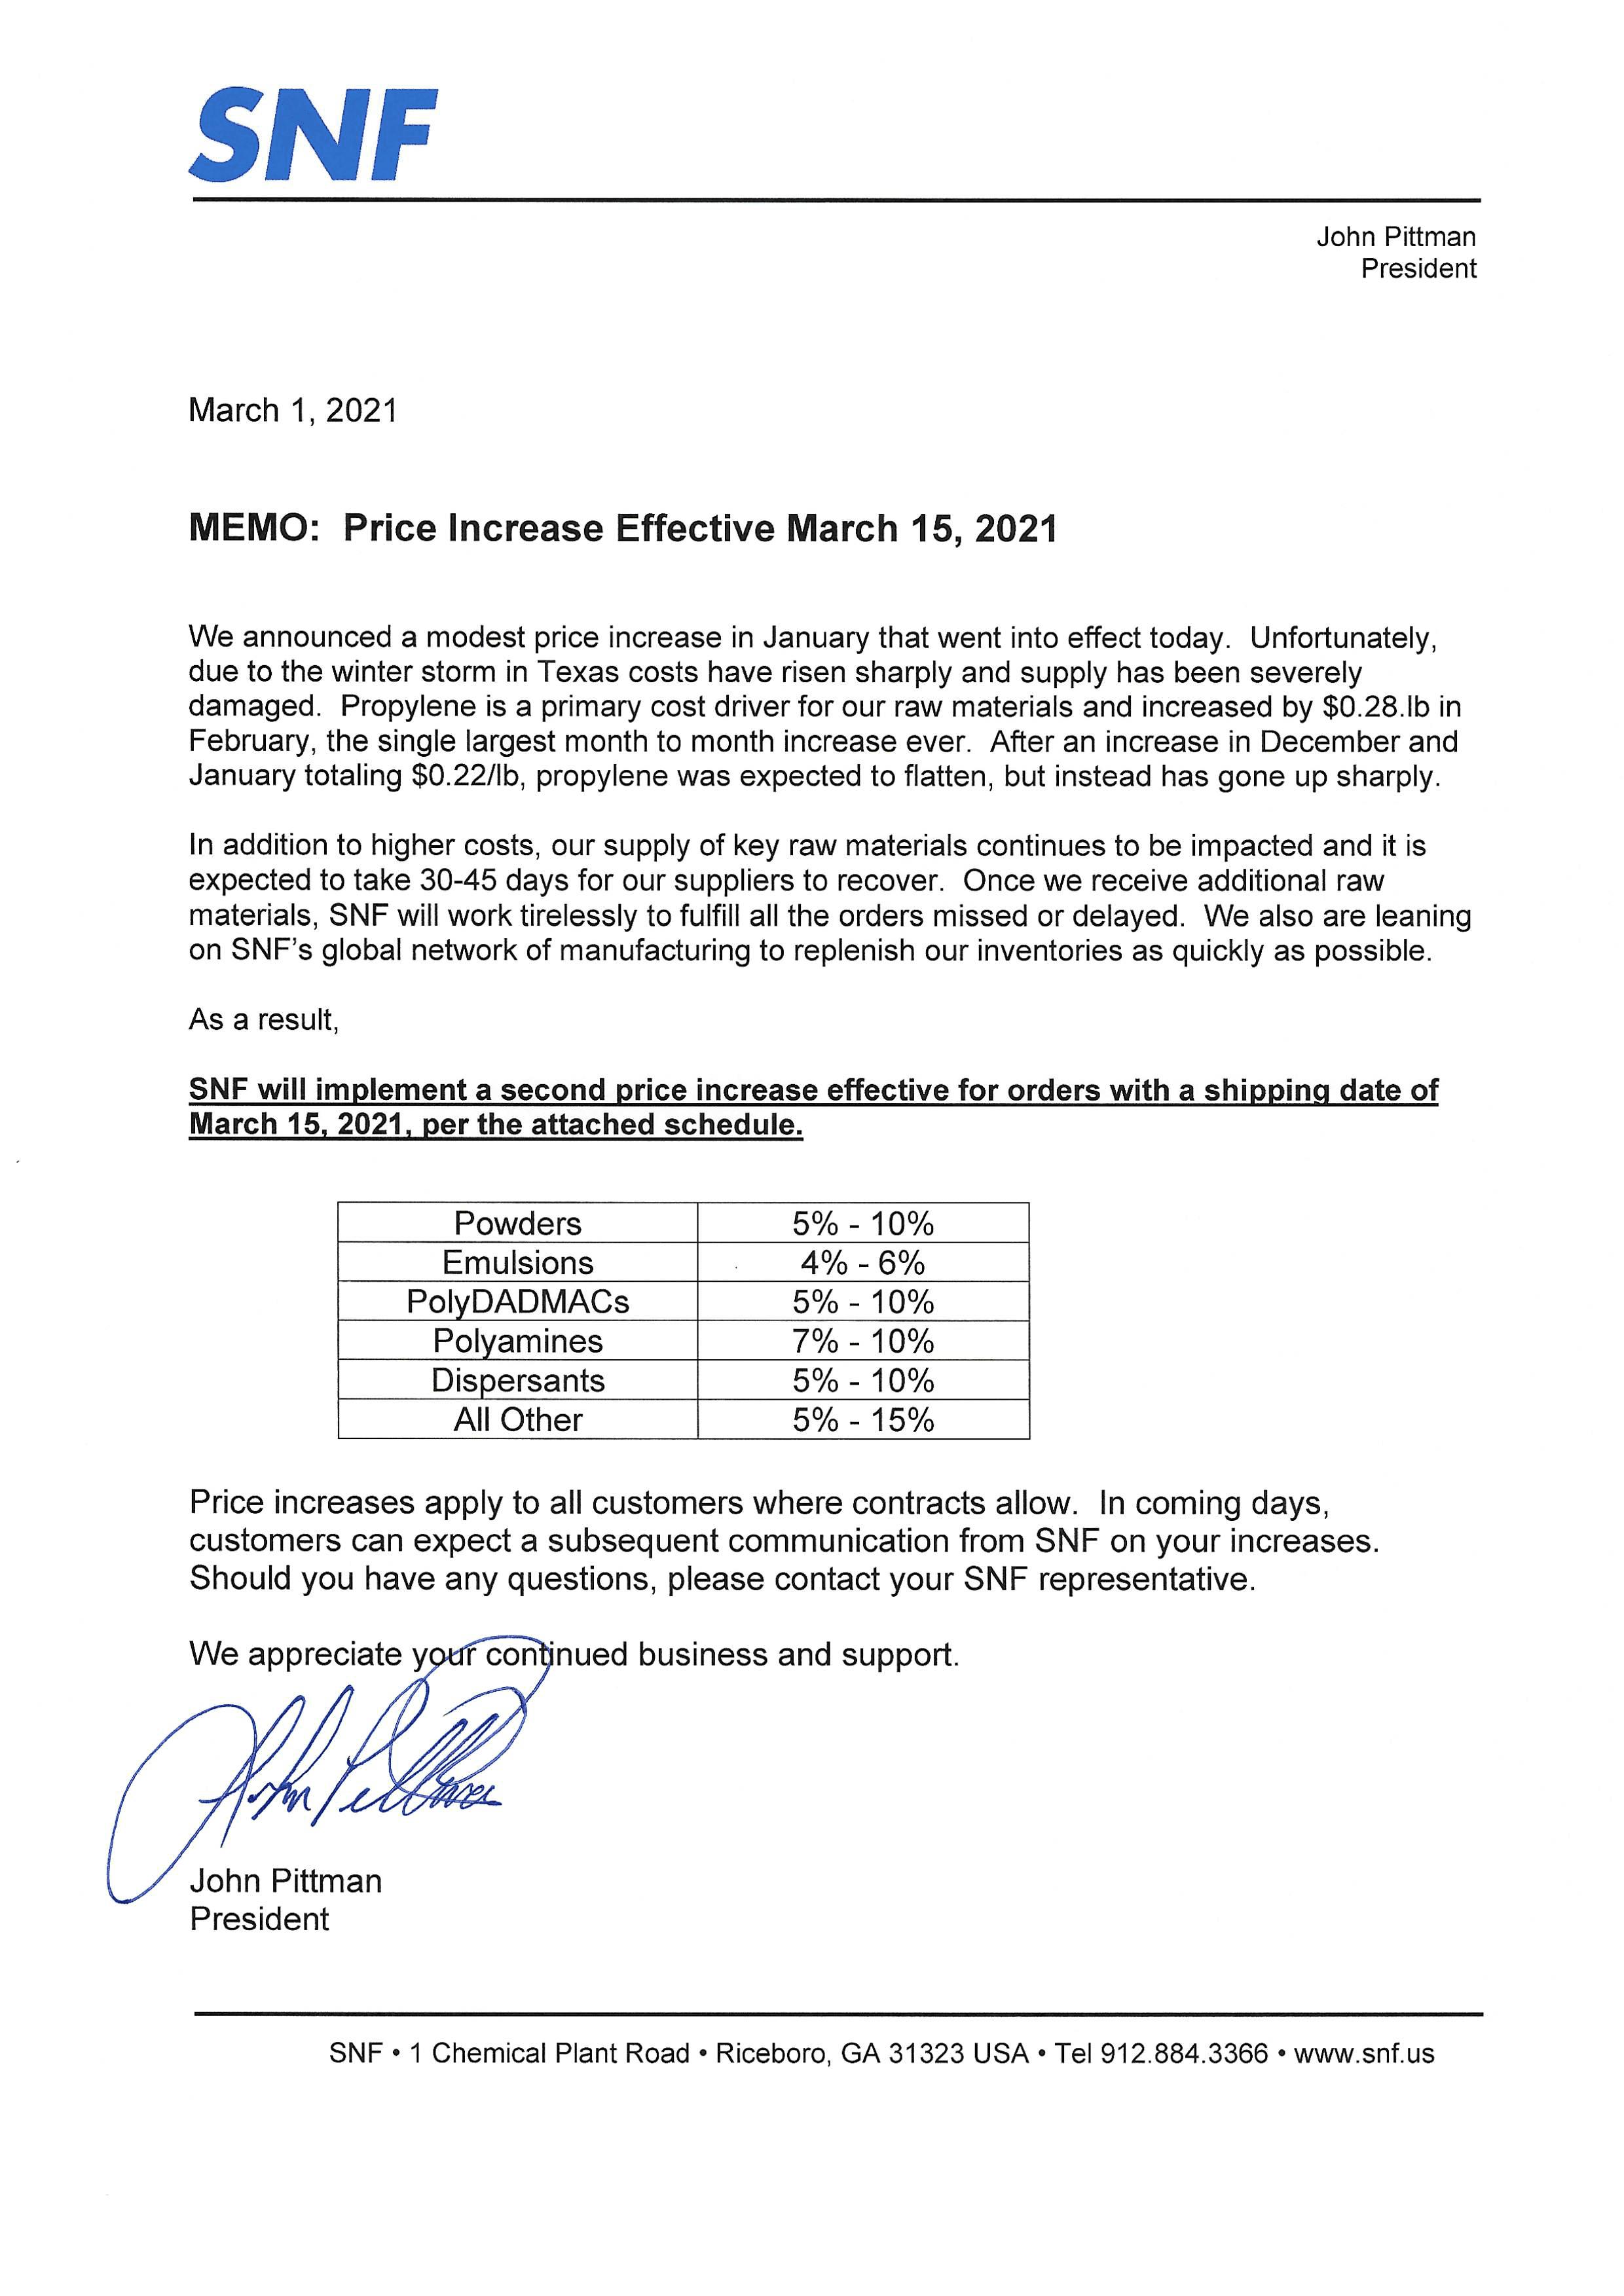 Price Increase 3 15 2021 Memo | SNF U.S.A.